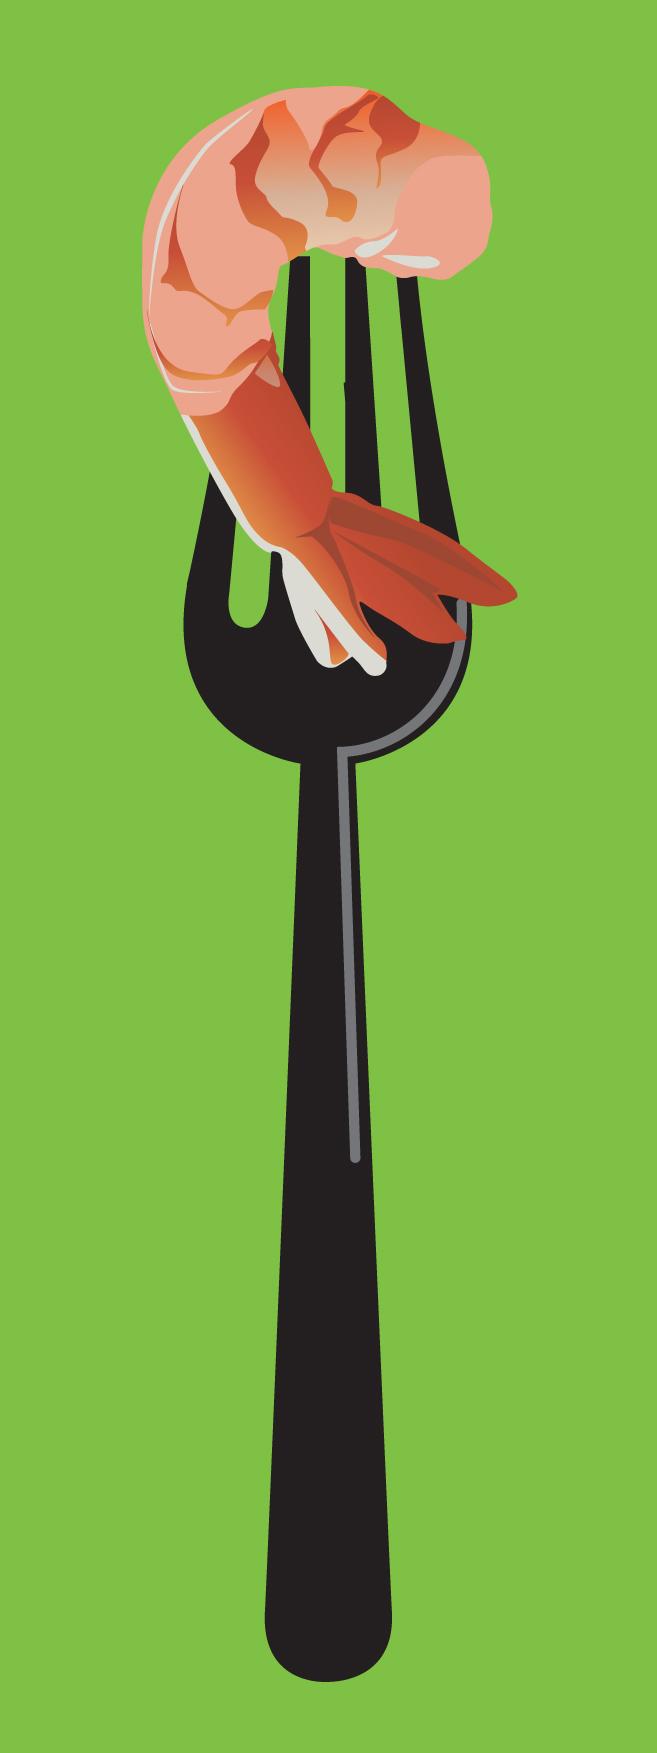 Fork with shrimp